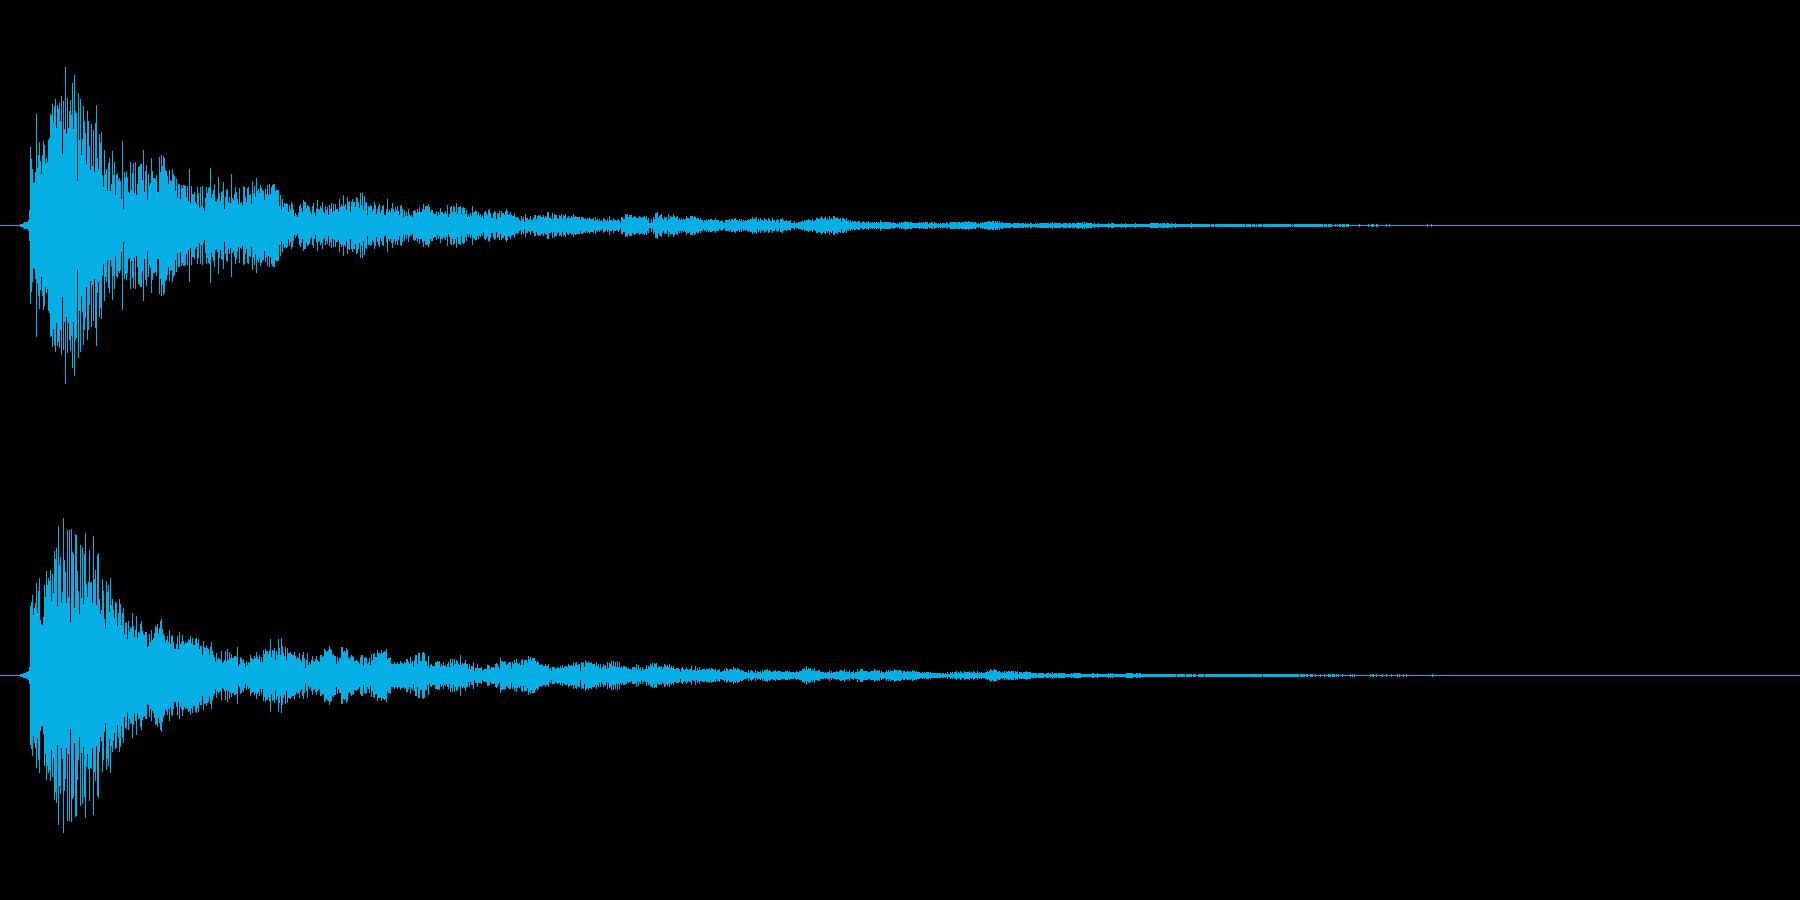 サウンドロゴ(企業ロゴ)_003の再生済みの波形